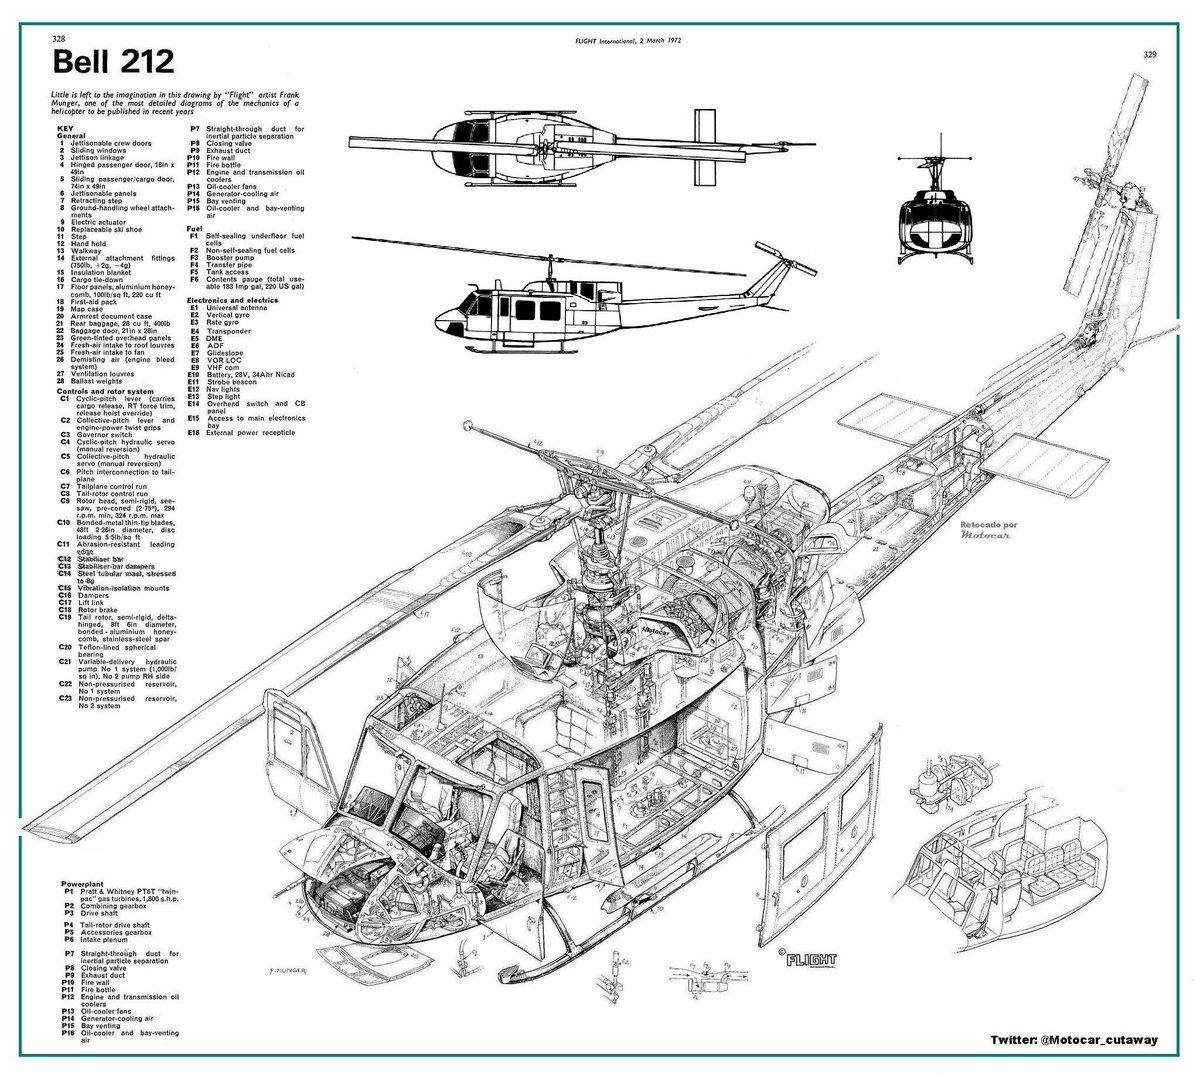 Renny R Lopez G On Twitter Cutaway Bell 212 De Frank